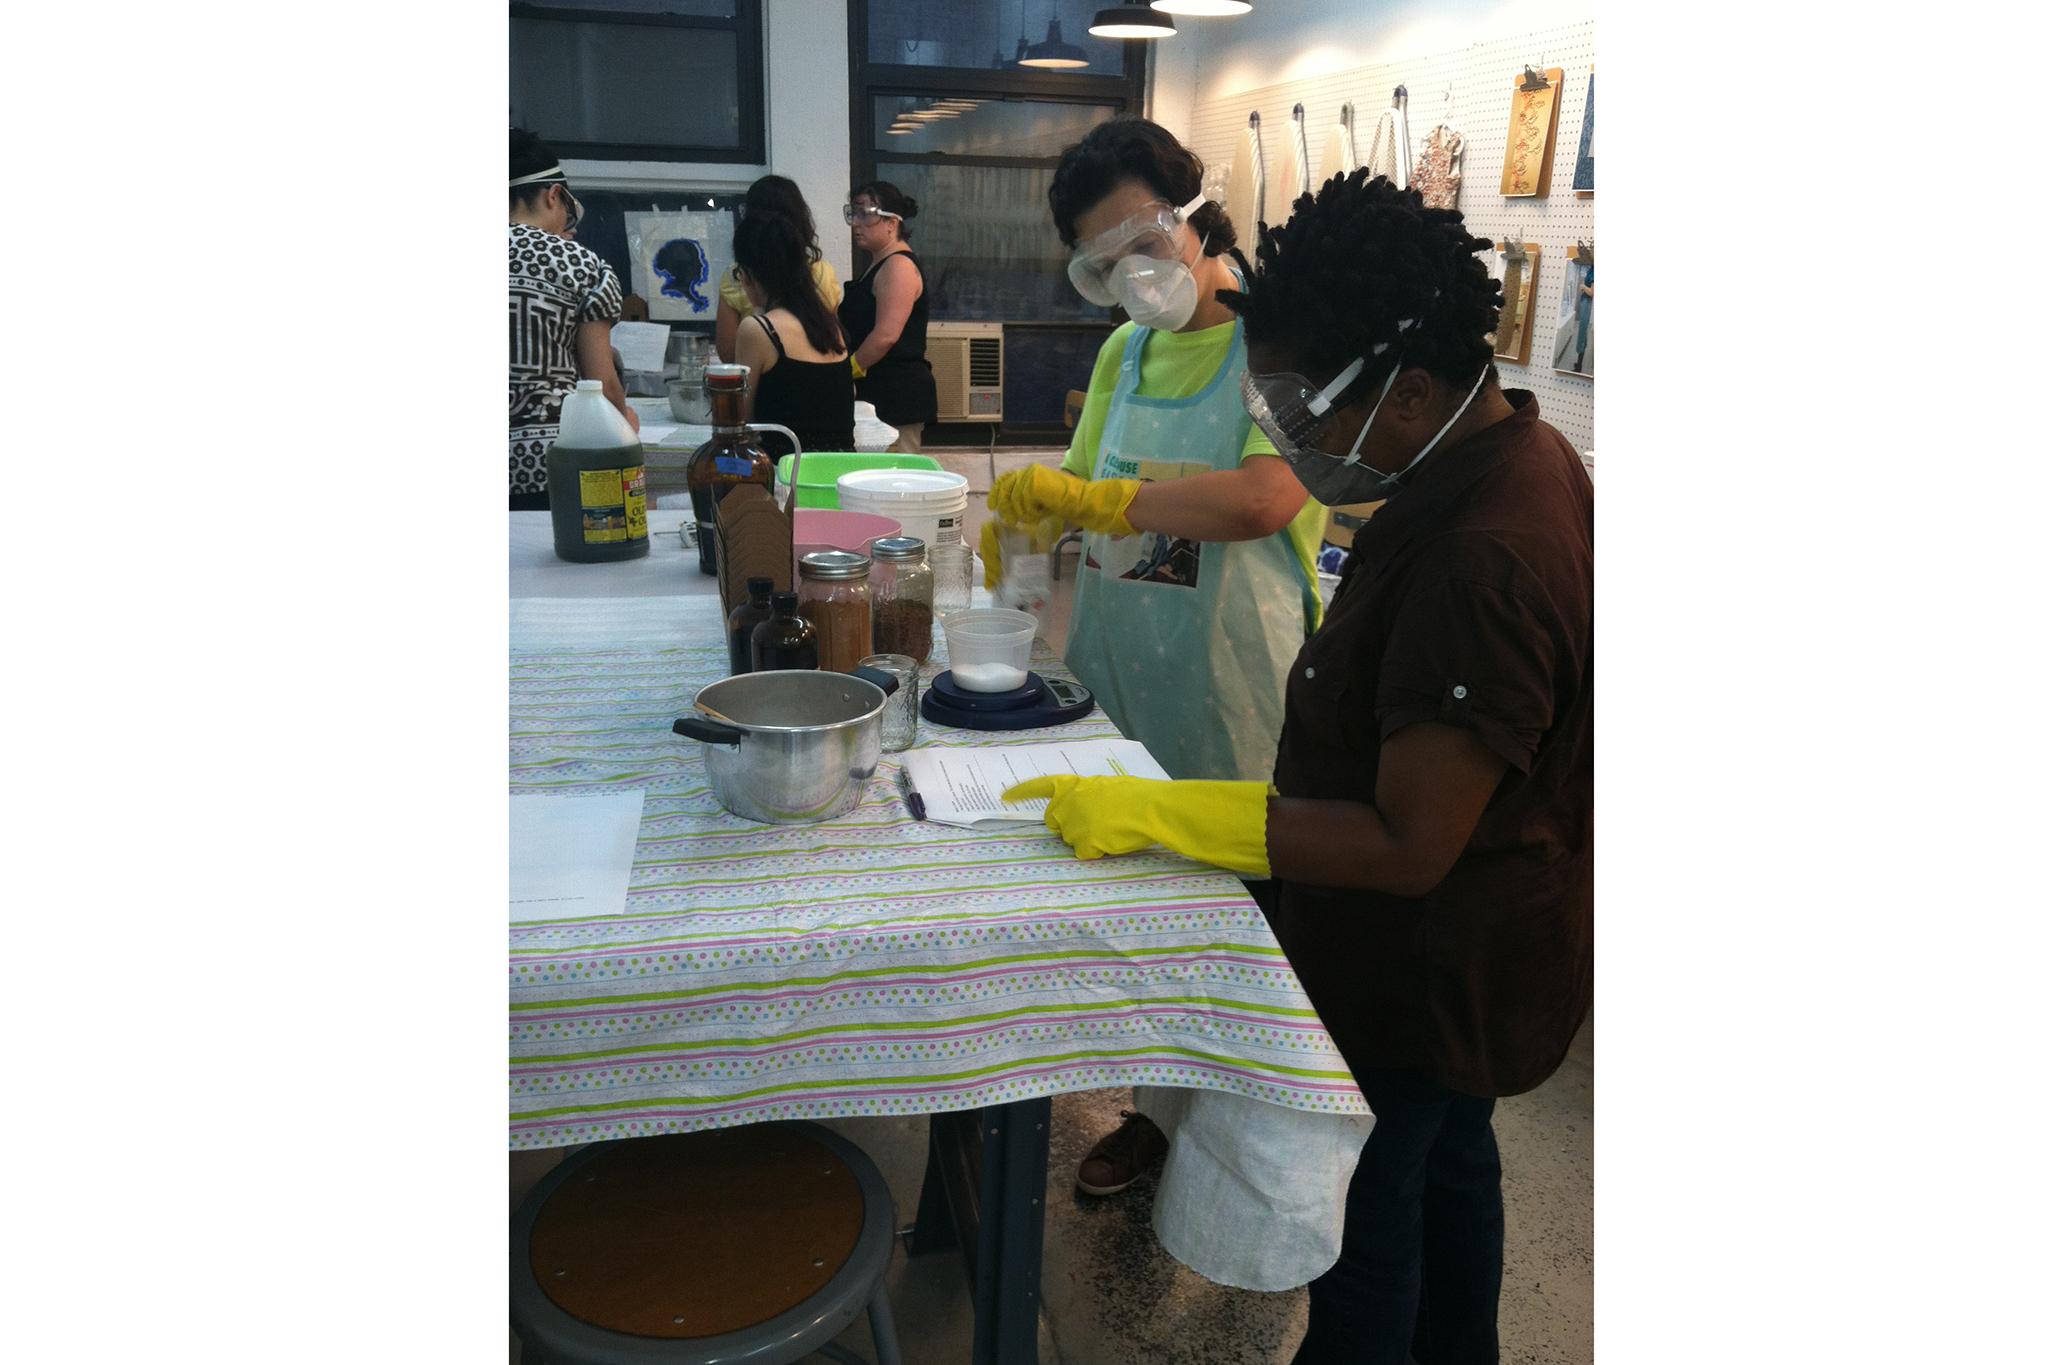 Soapmaking at Make Workshop